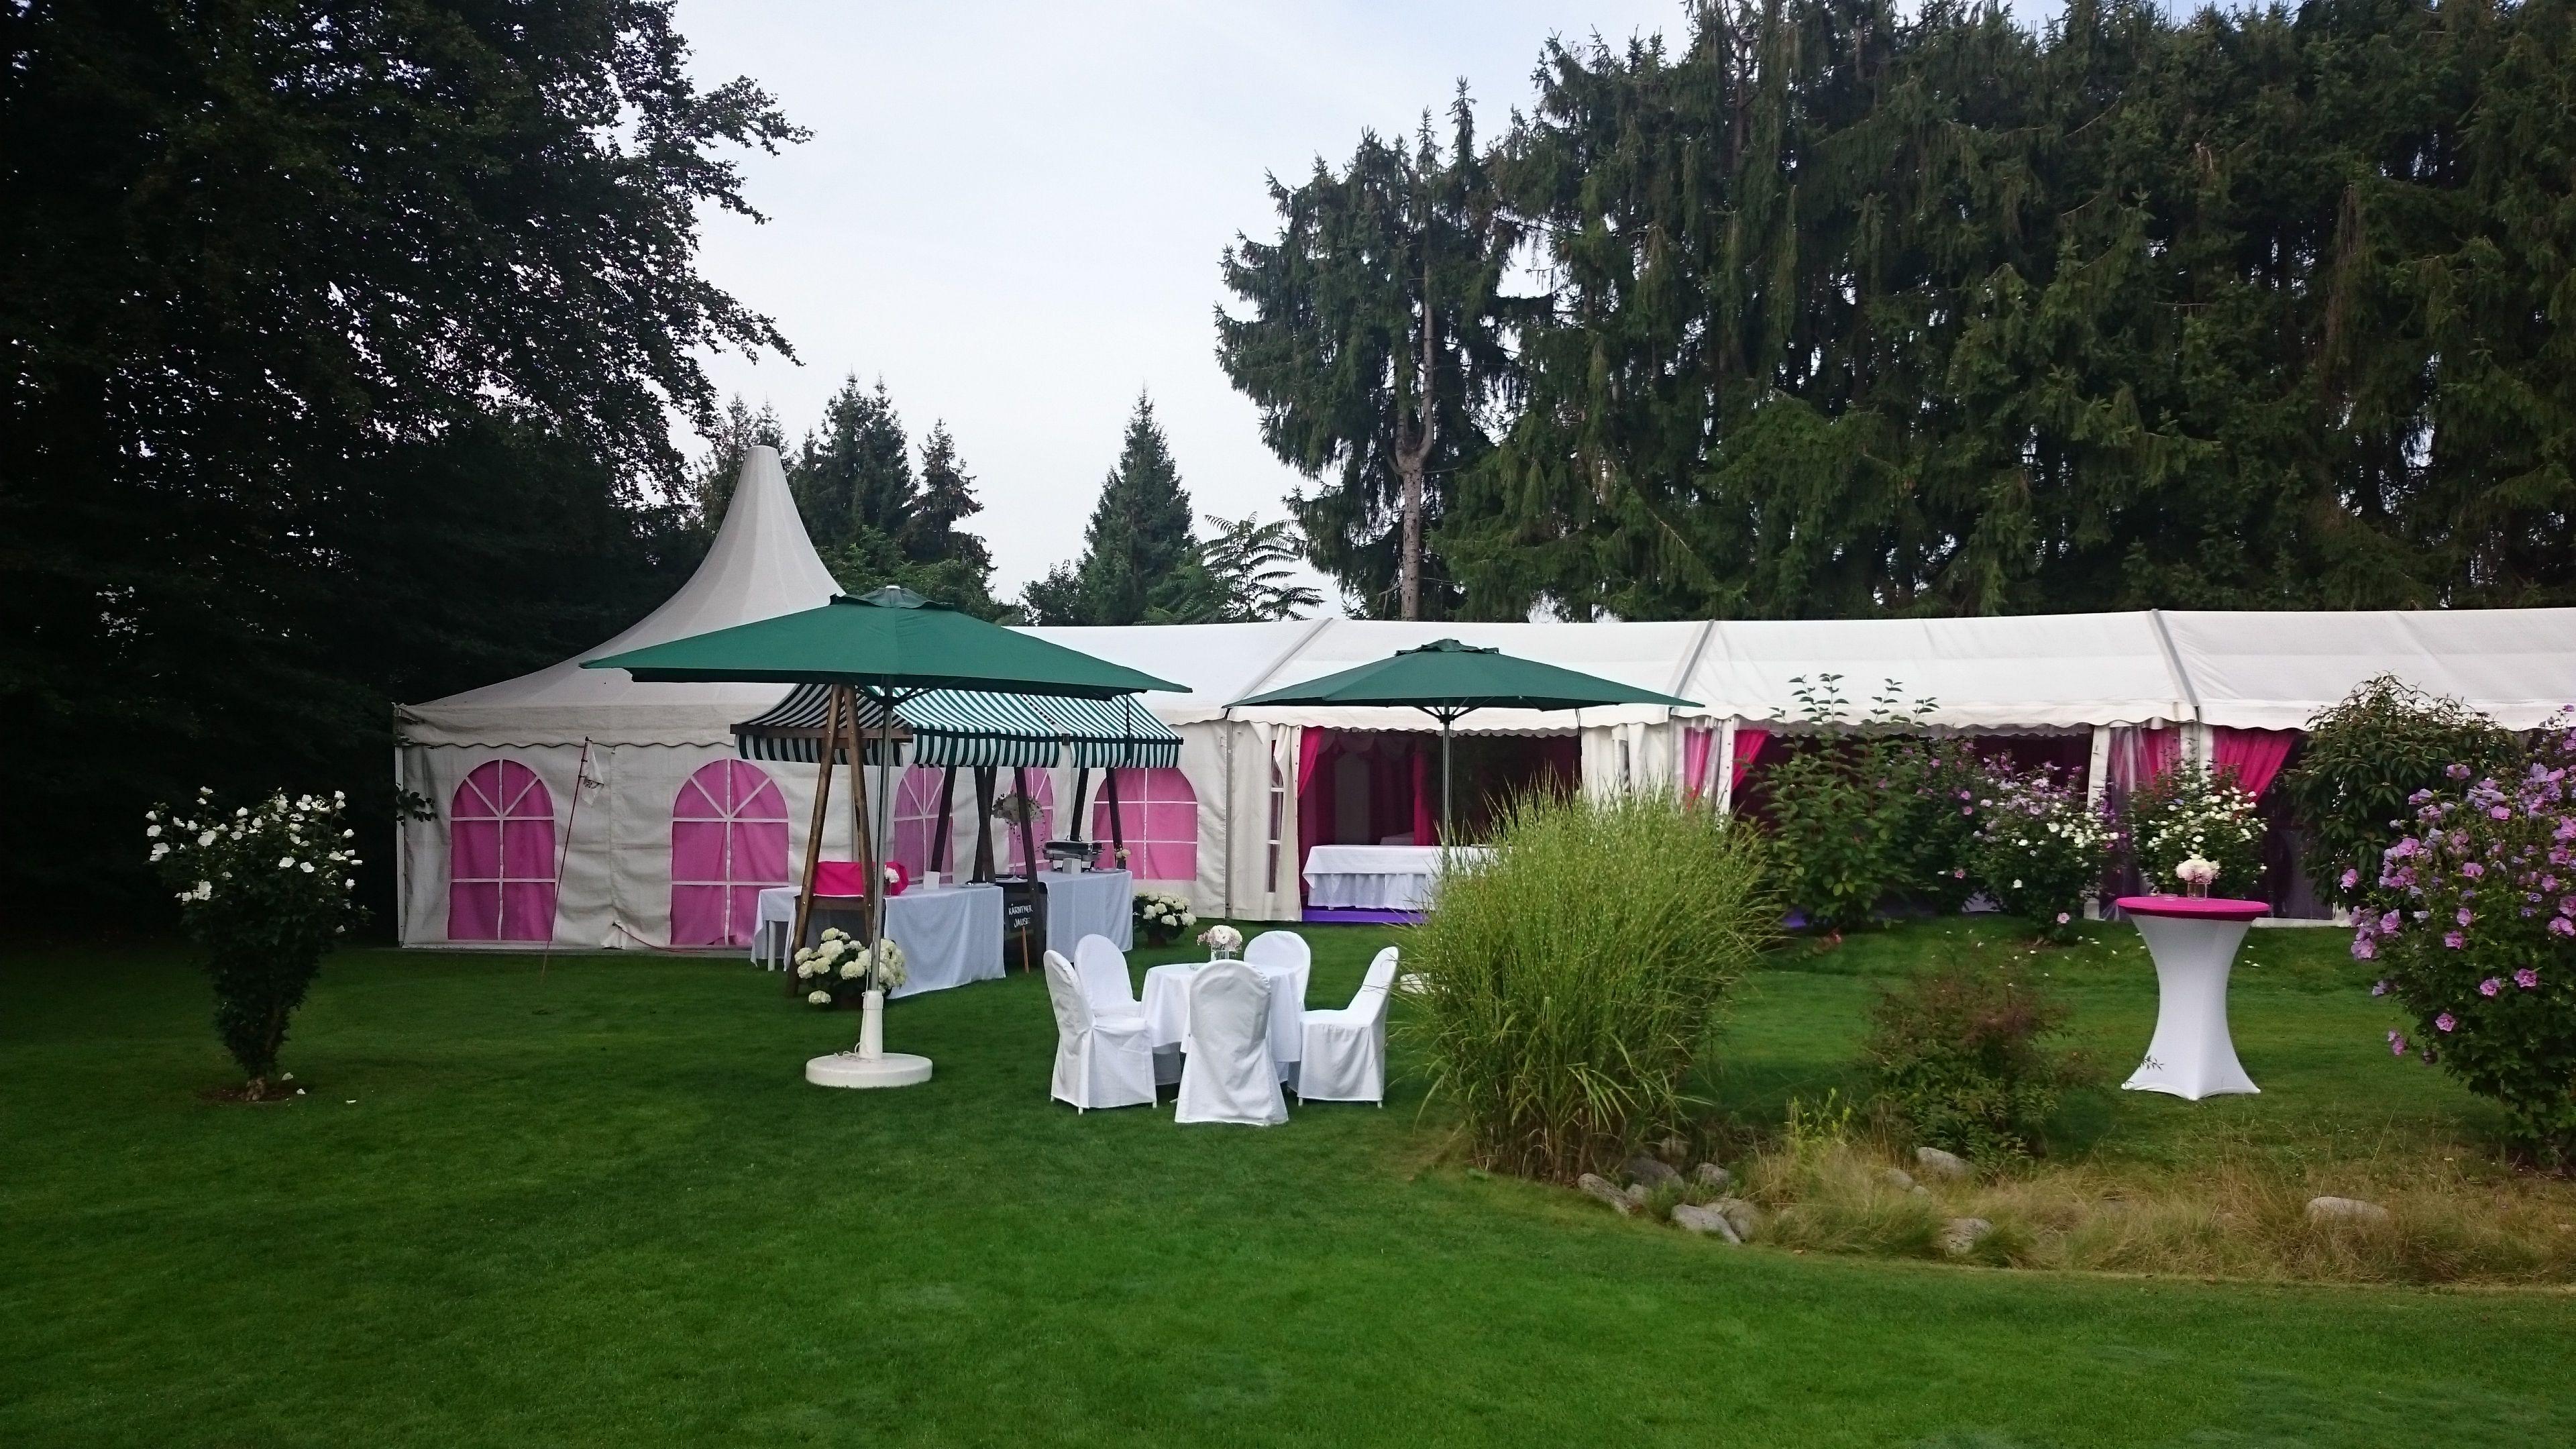 Agape Im Garten Partyzelt Veranstaltungsmanagement Veranstaltung